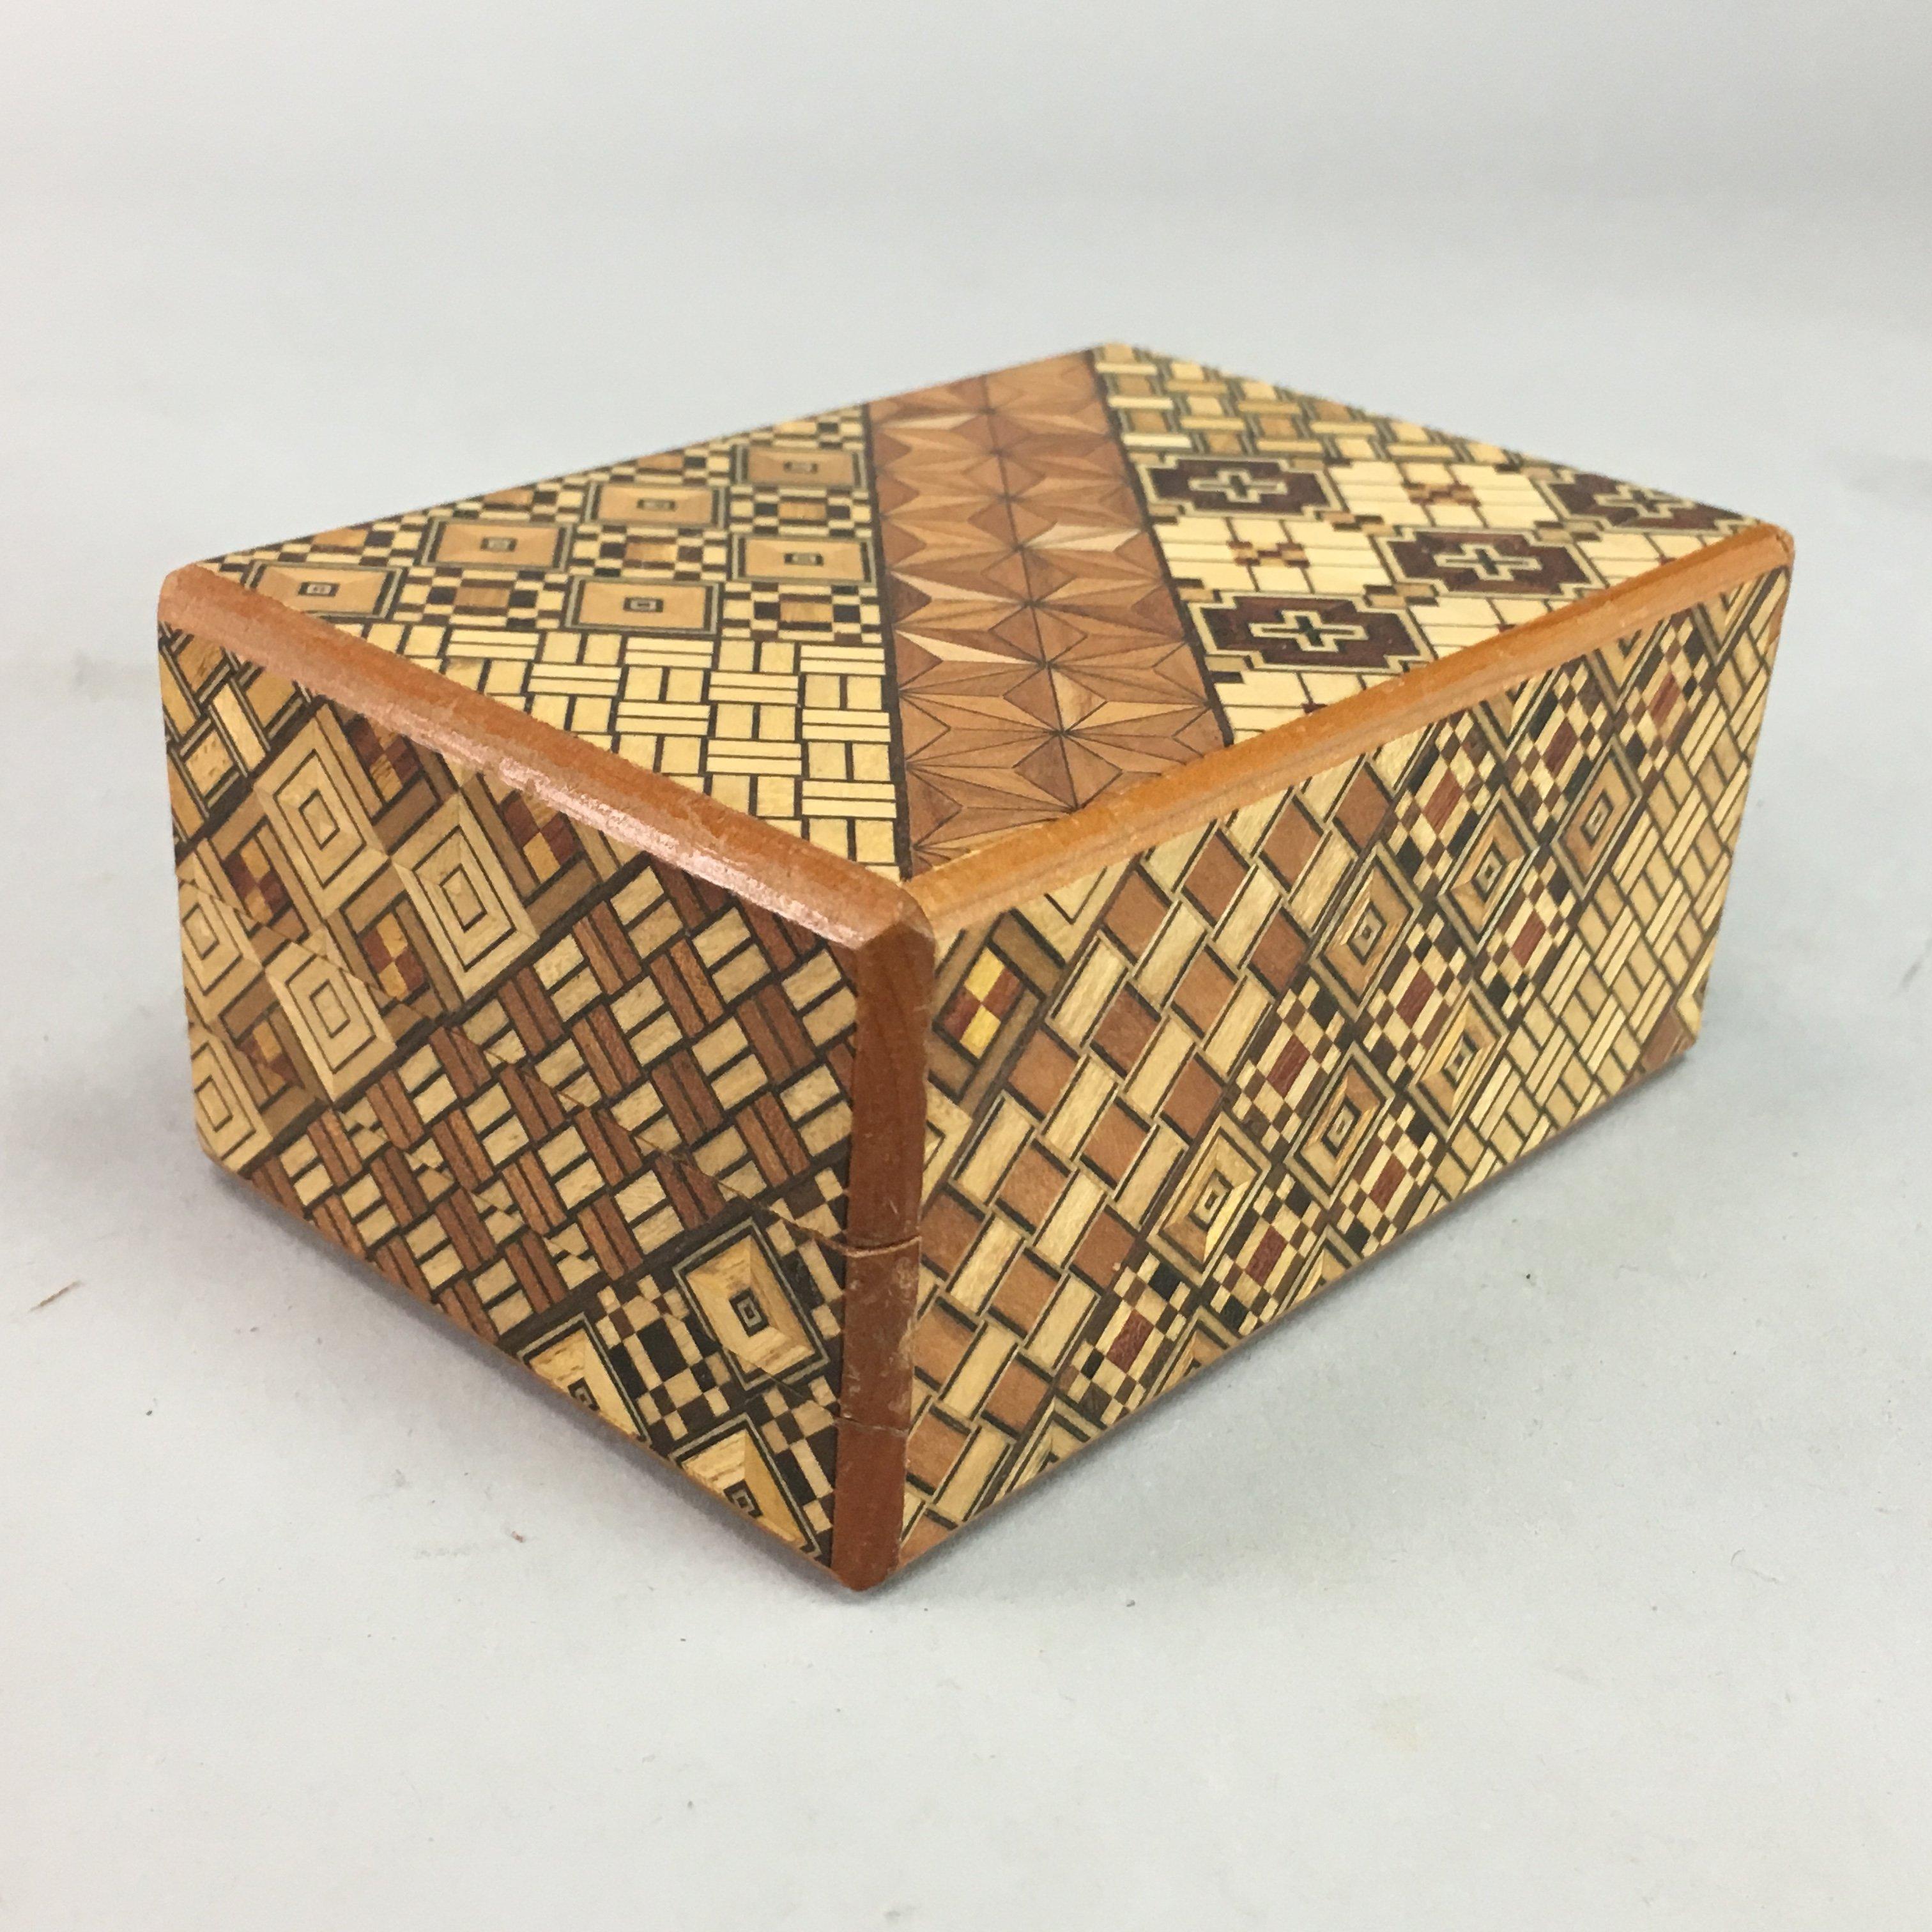 J624 Japanese Secret Puzzle Box Himitsu Bako Wood Yosegi Marquetry Trick Vtg With Images Japanese Puzzle